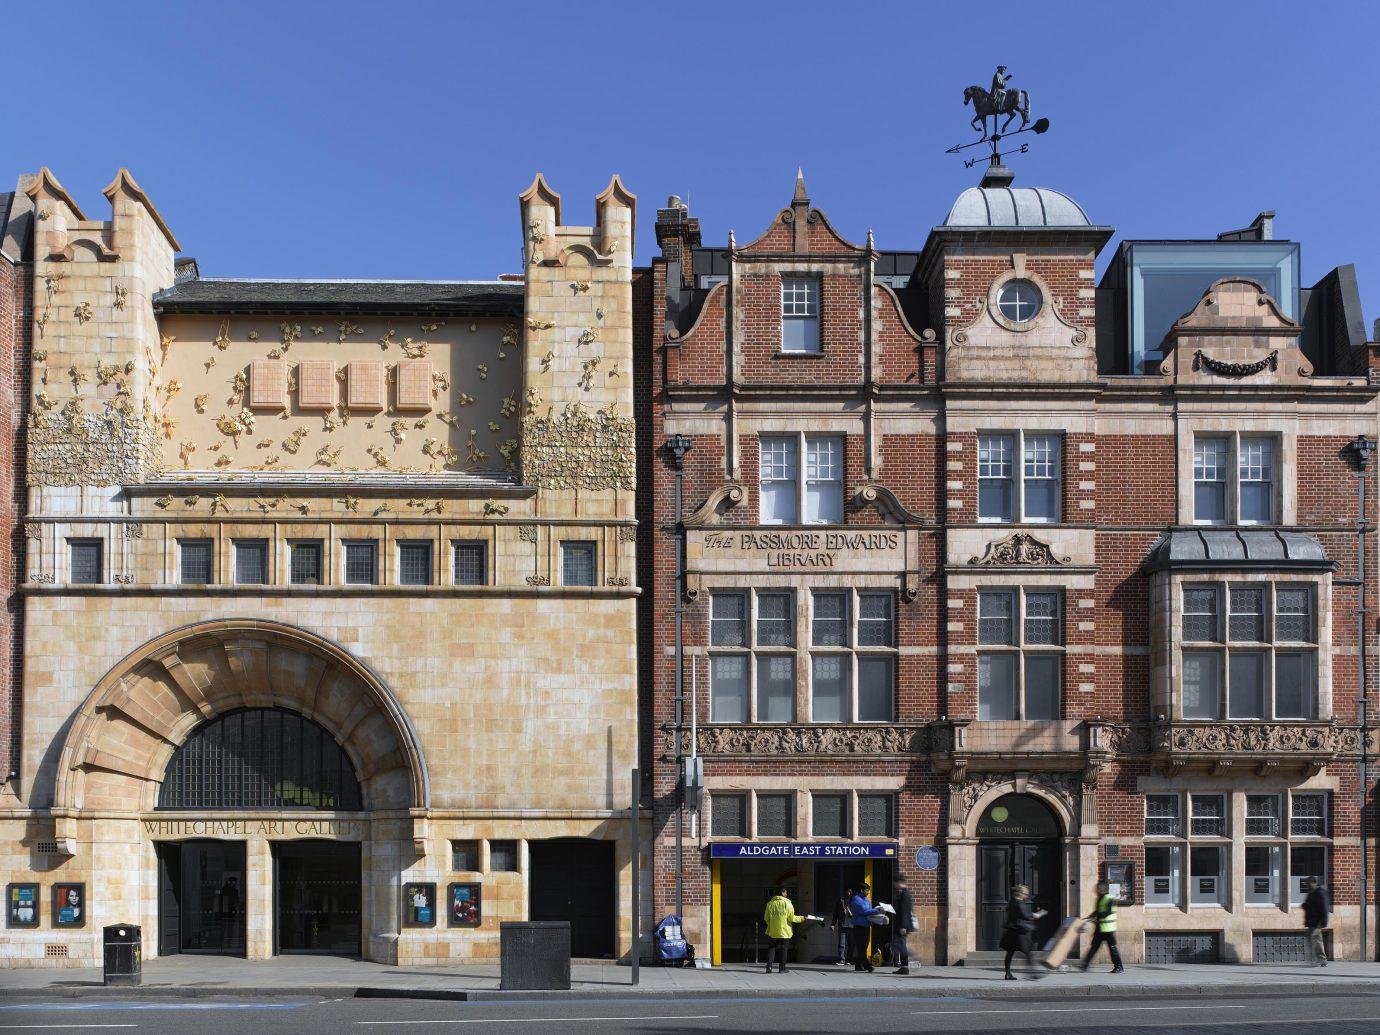 Whitechapel Gallery facade